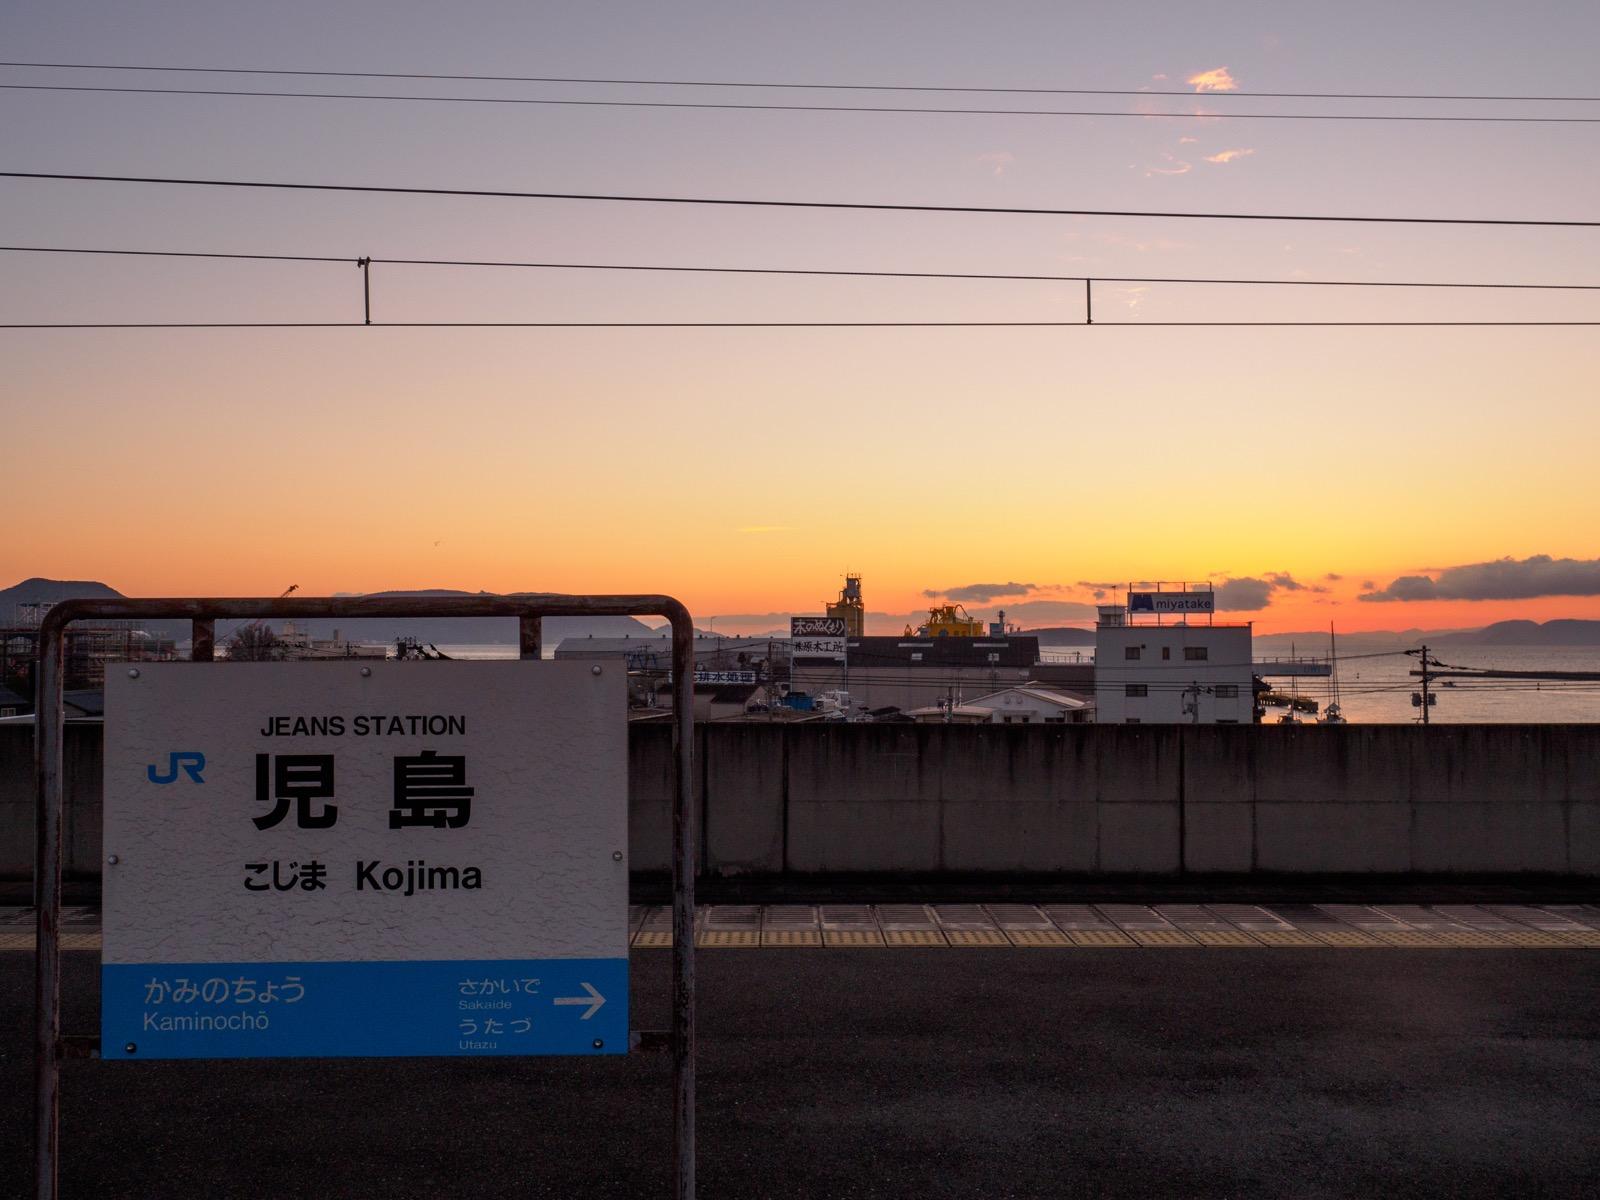 日の出前の、児島駅のホームと瀬戸内海